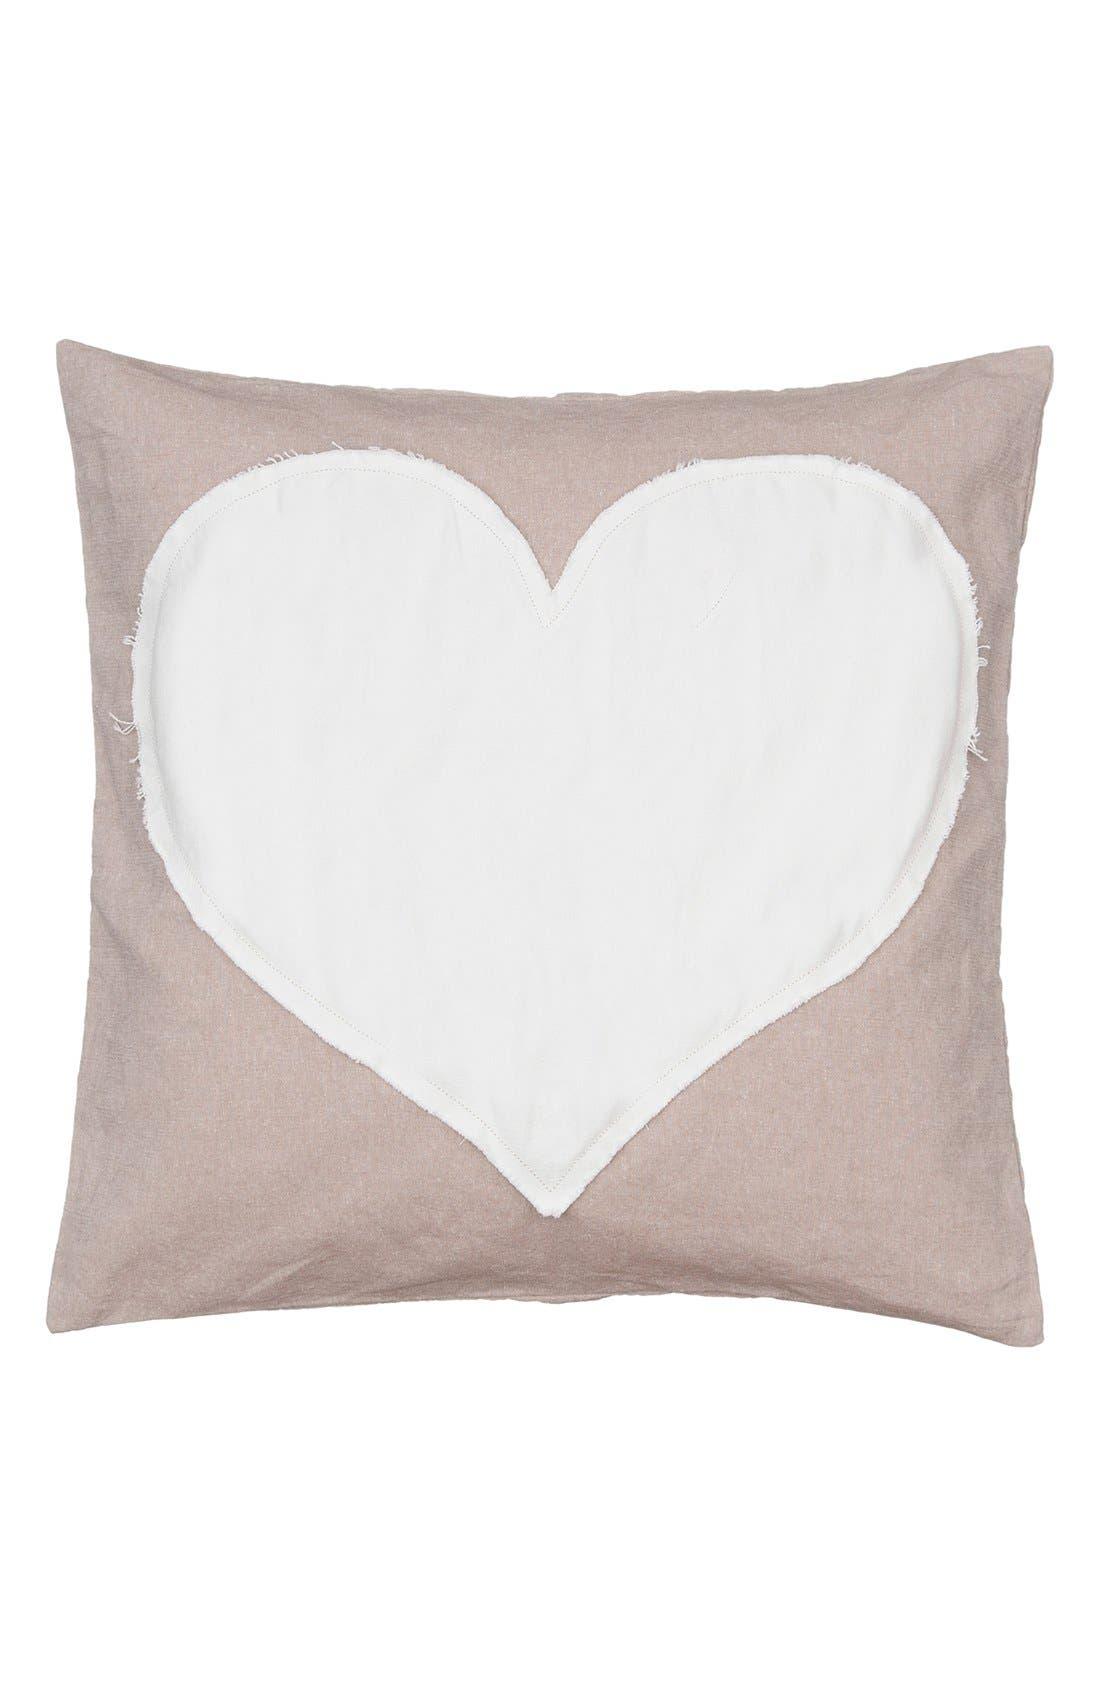 Main Image - Levtex Heart Accent Pillow